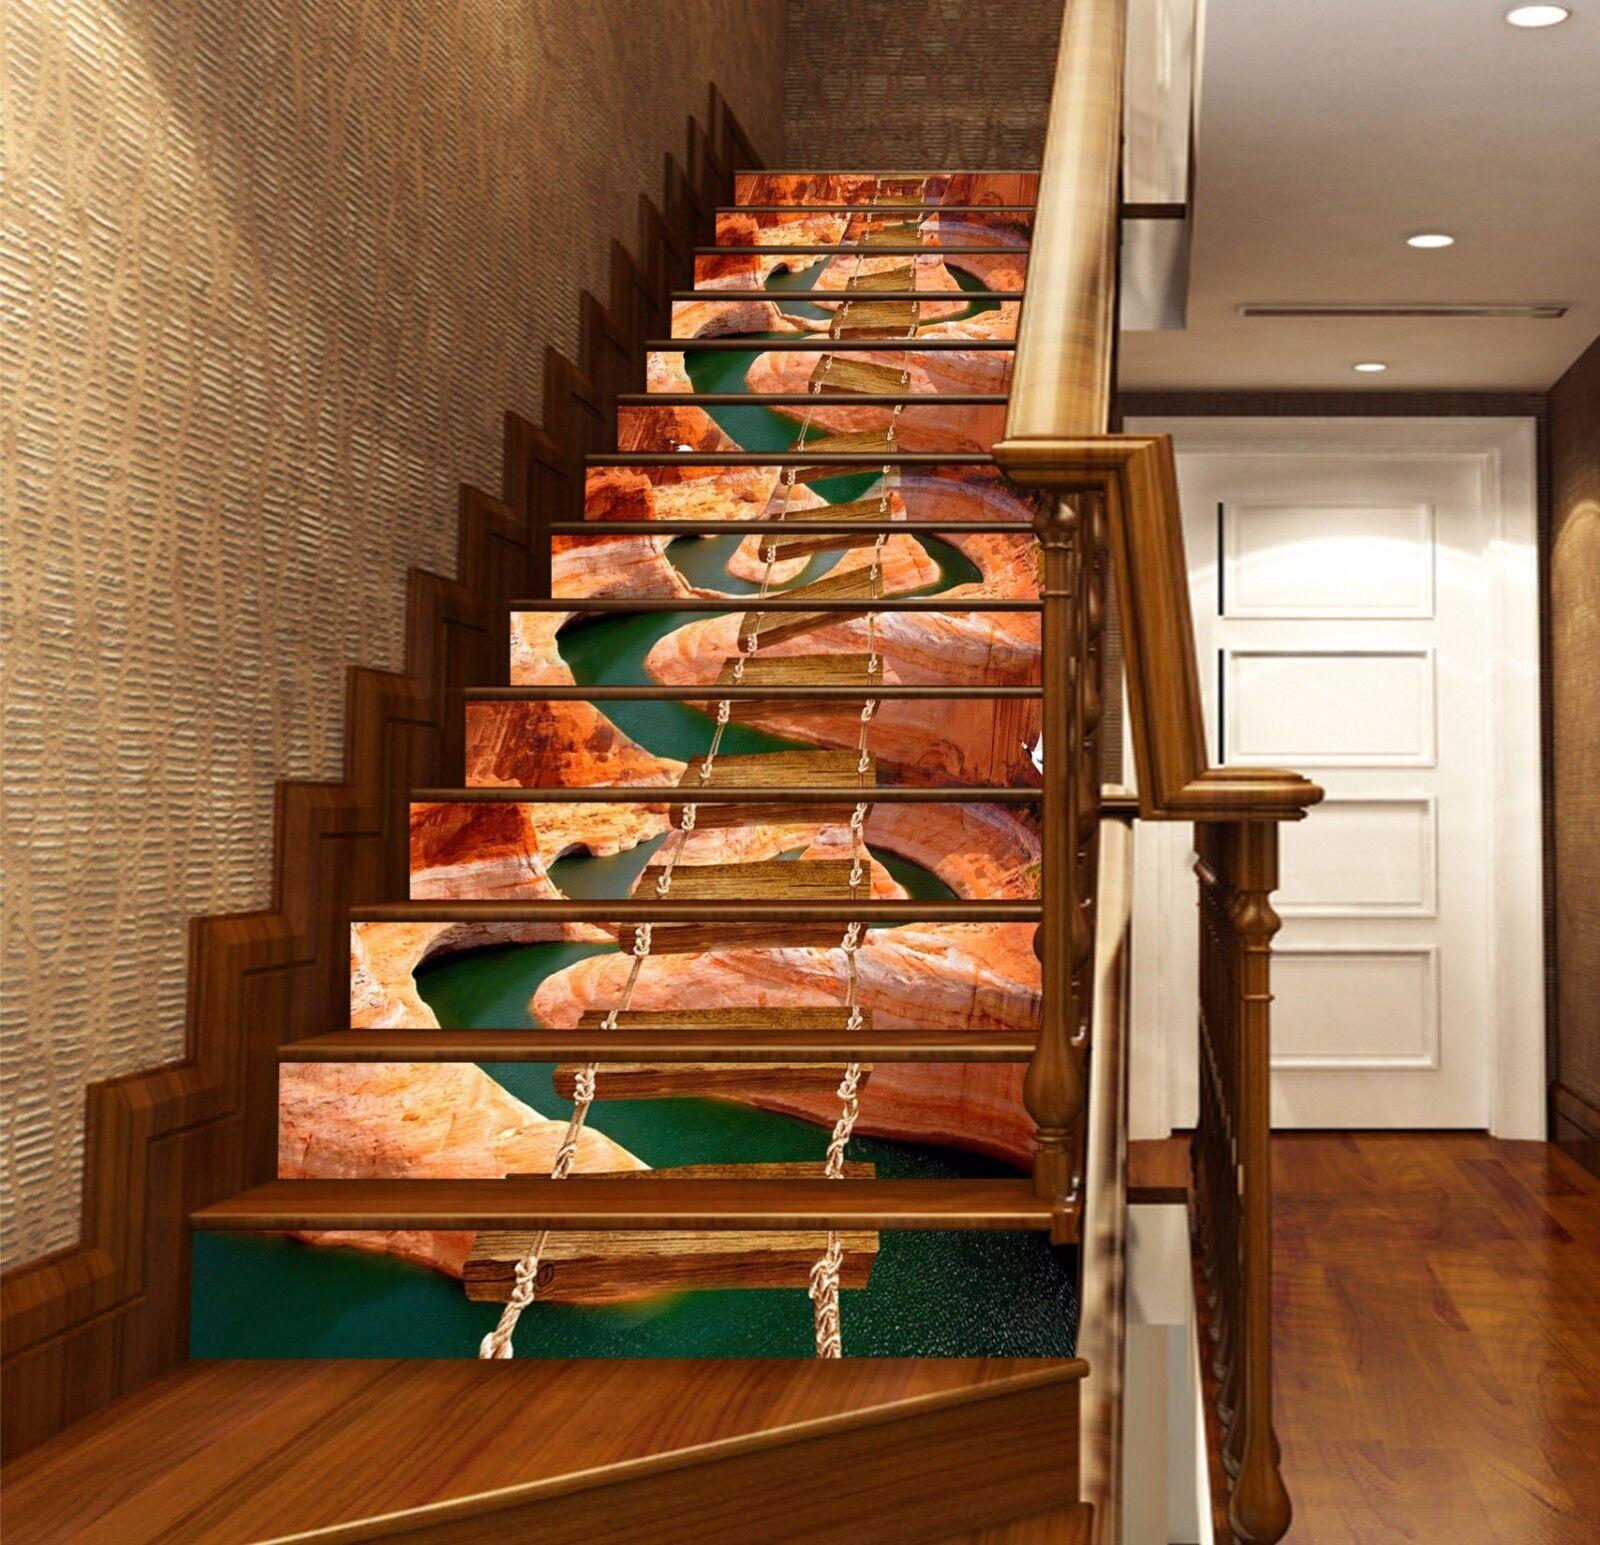 3D Chain Bridge 544 Stair Risers Decoration Photo Mural Vinyl Decal Wallpaper AU